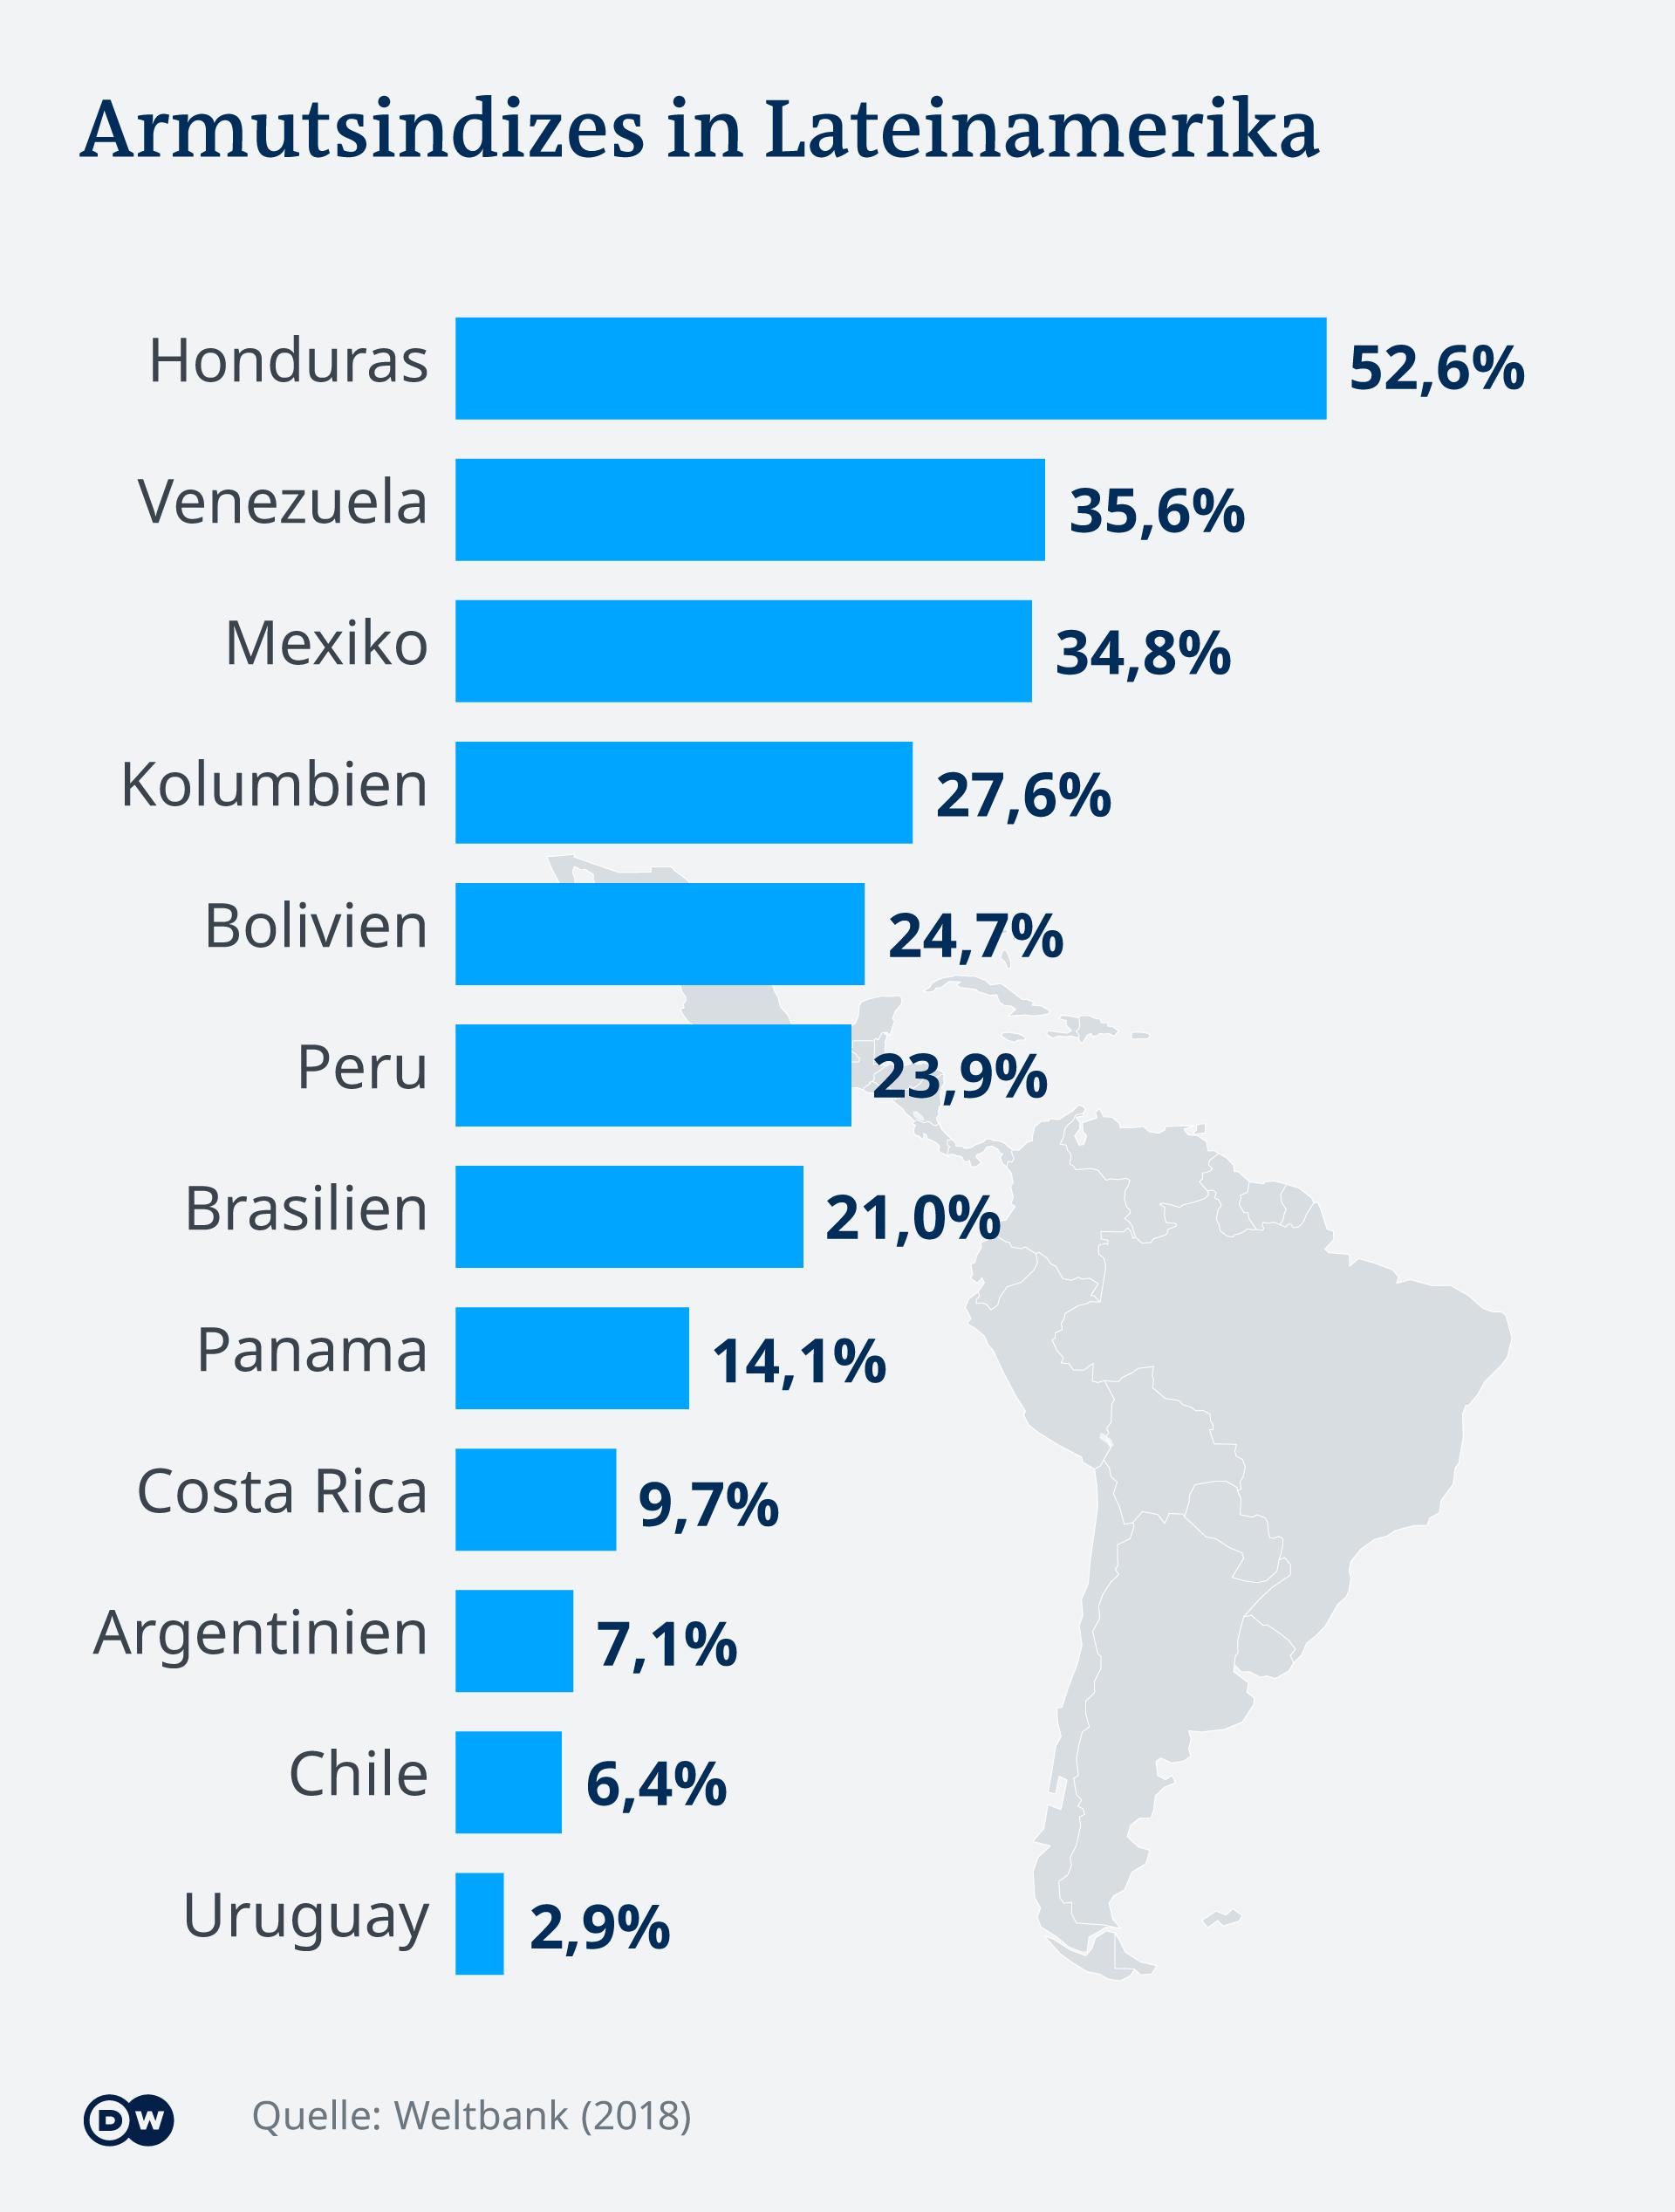 Nach Uruguay (2,9 %) hat Chile (6,4 %) die niedrigste Armutsquote der aufgeführten Länder, die höchste hat Honduras (52,6 %)